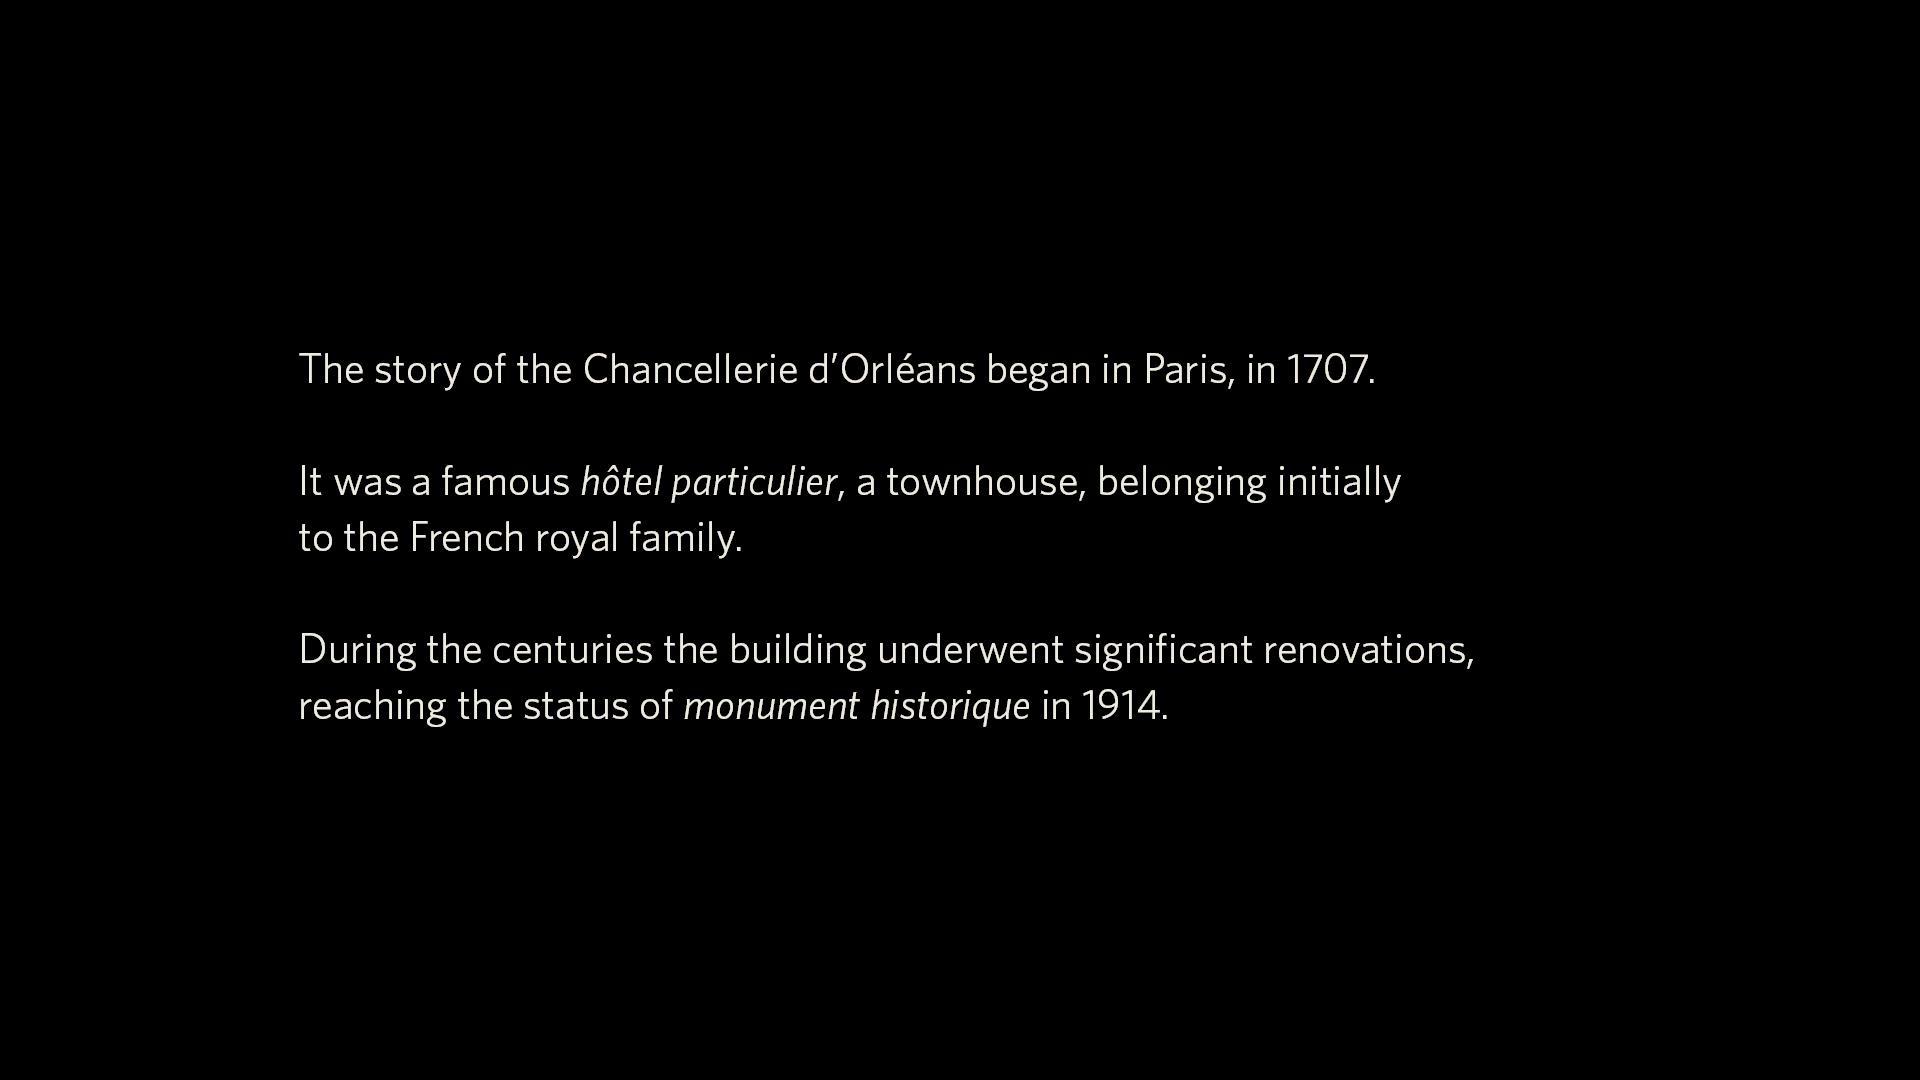 La Chancellerie d'Orléans